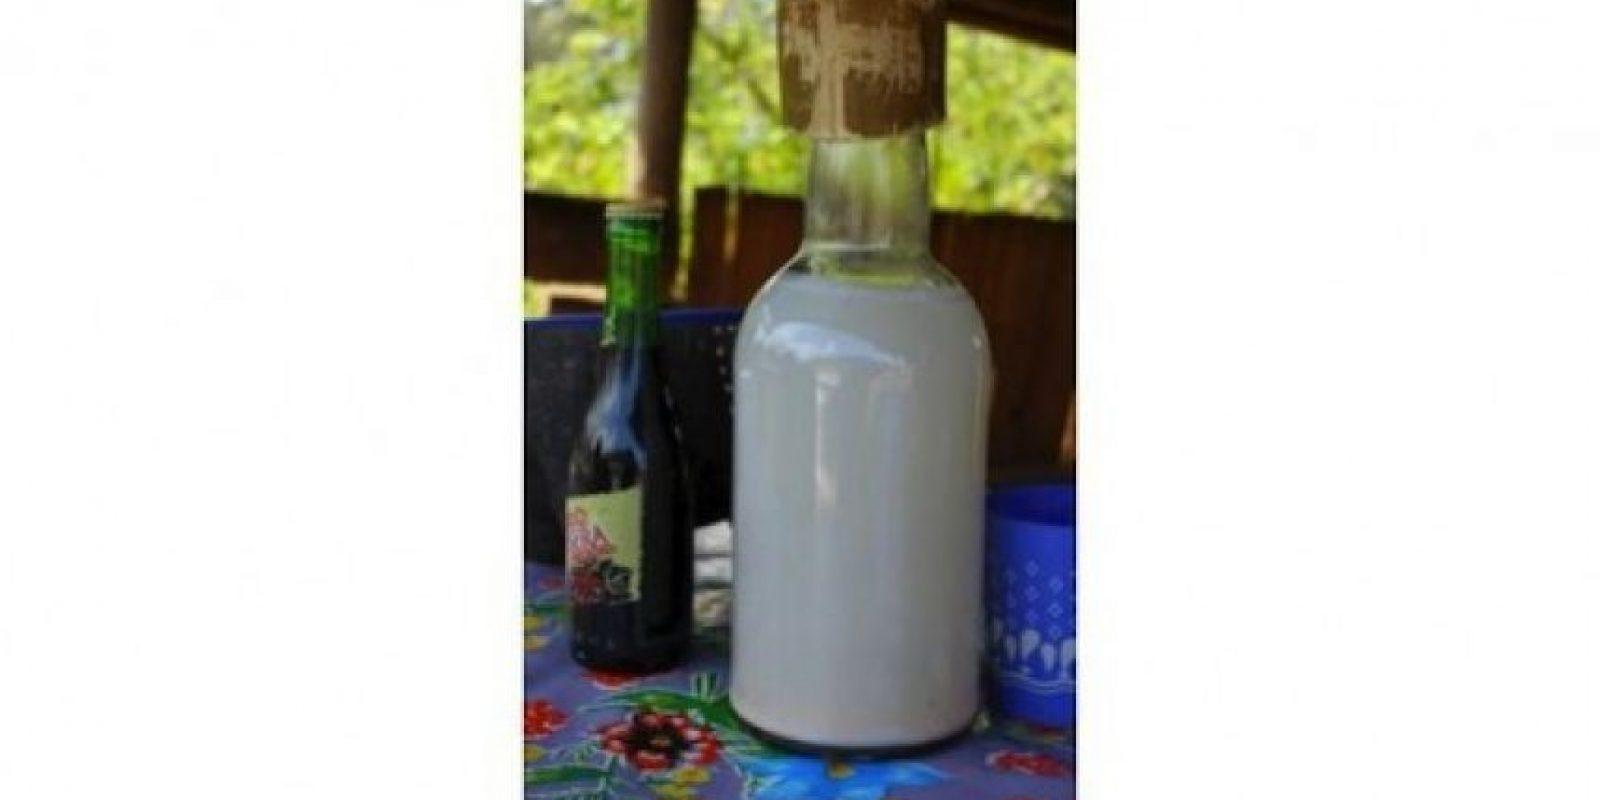 Pulque. Aunque para los mexicanos no es nada raro, para otras naciones resulta extraño este líquido viscoso hecho del maguey